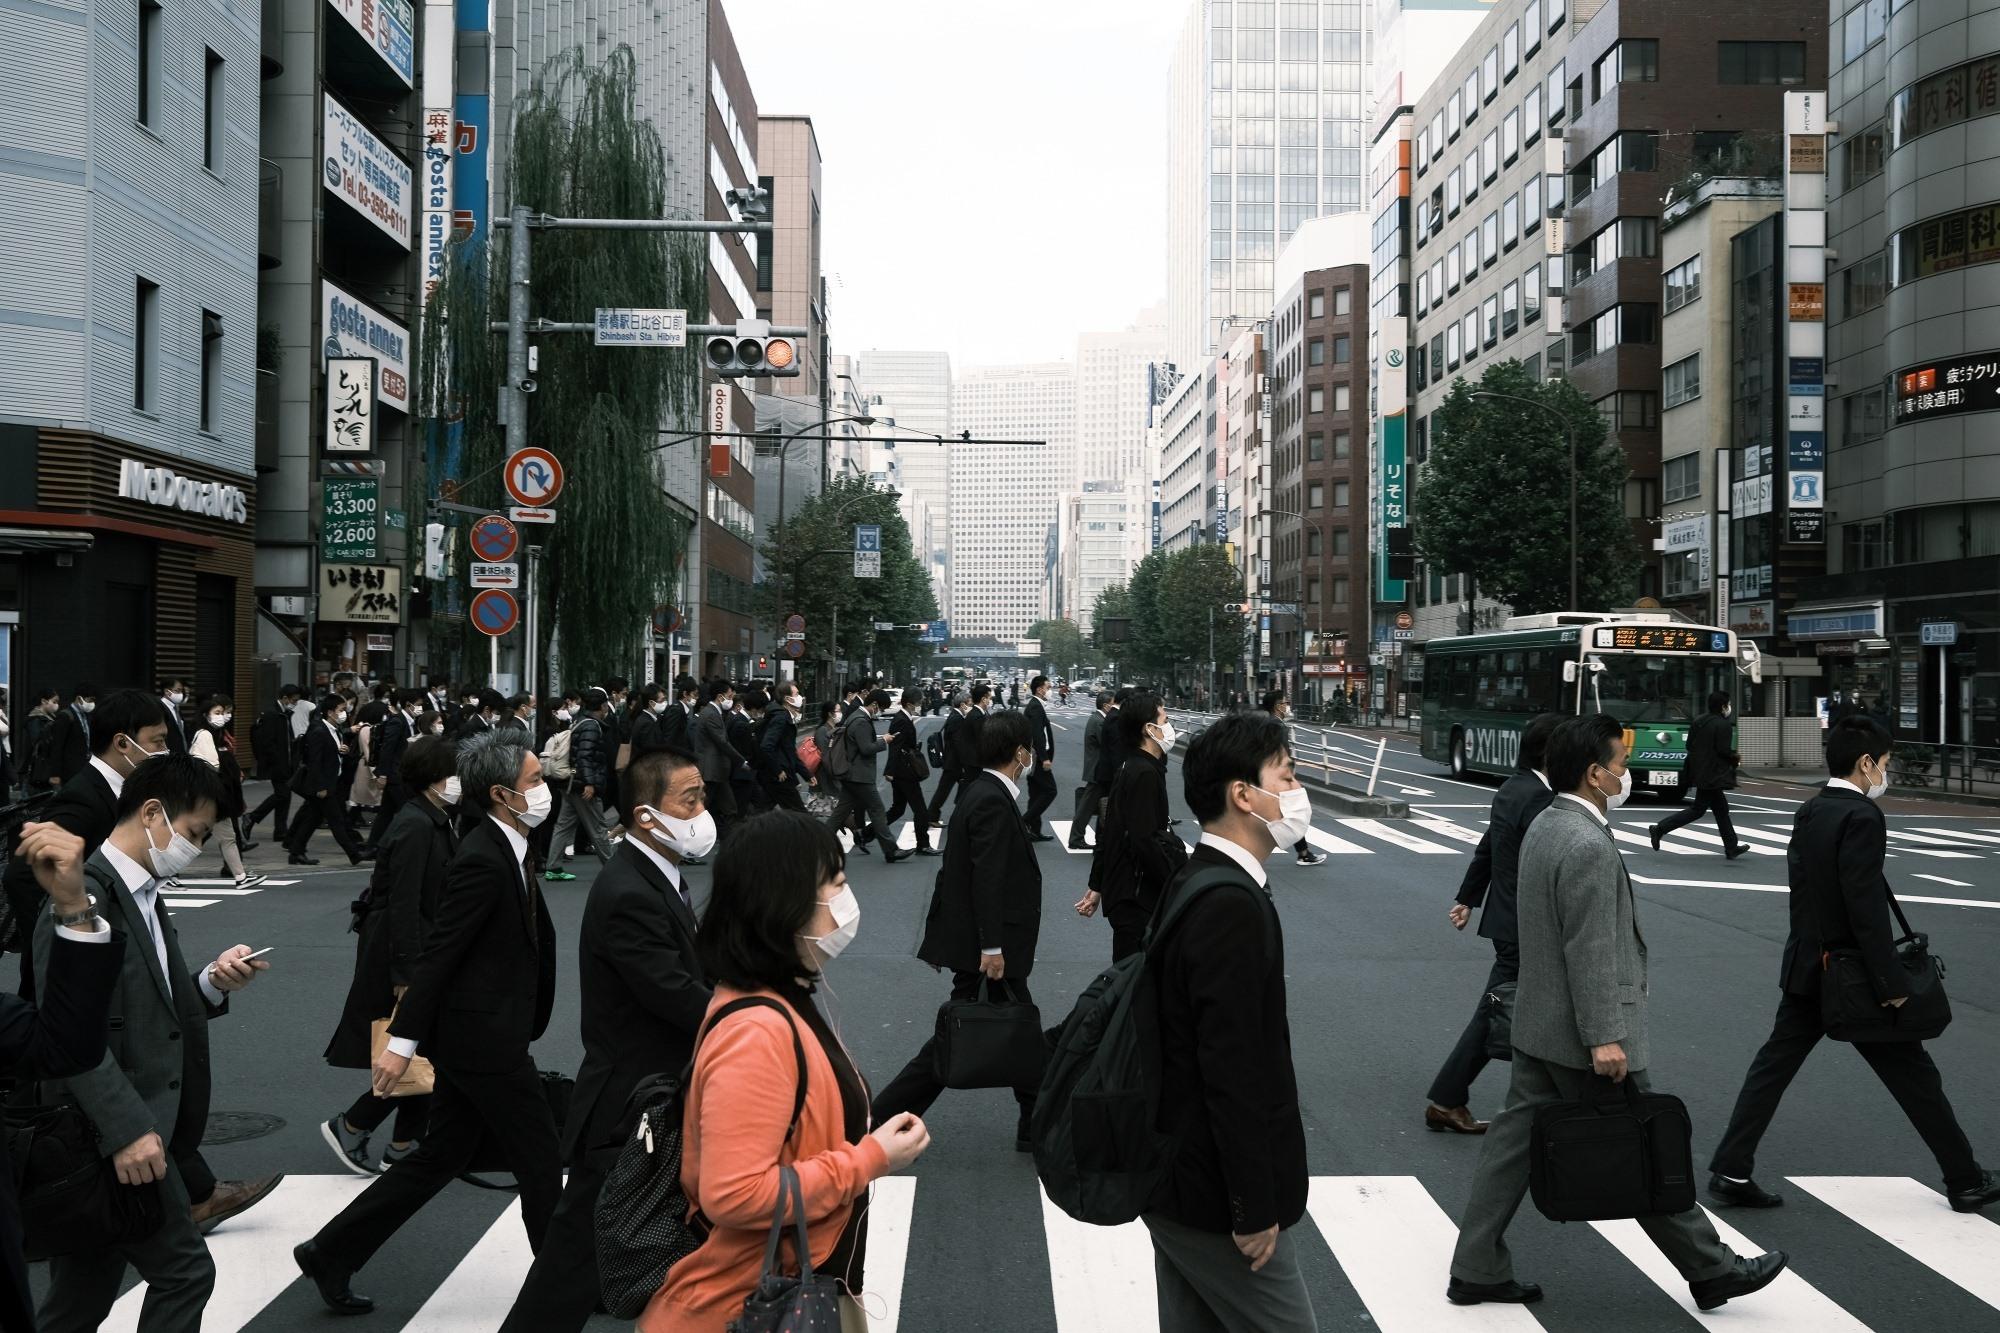 Người dân Nhật Bản đeo khẩu trang khi ra ngoài để phòng Covid-19. Ảnh: Reuters